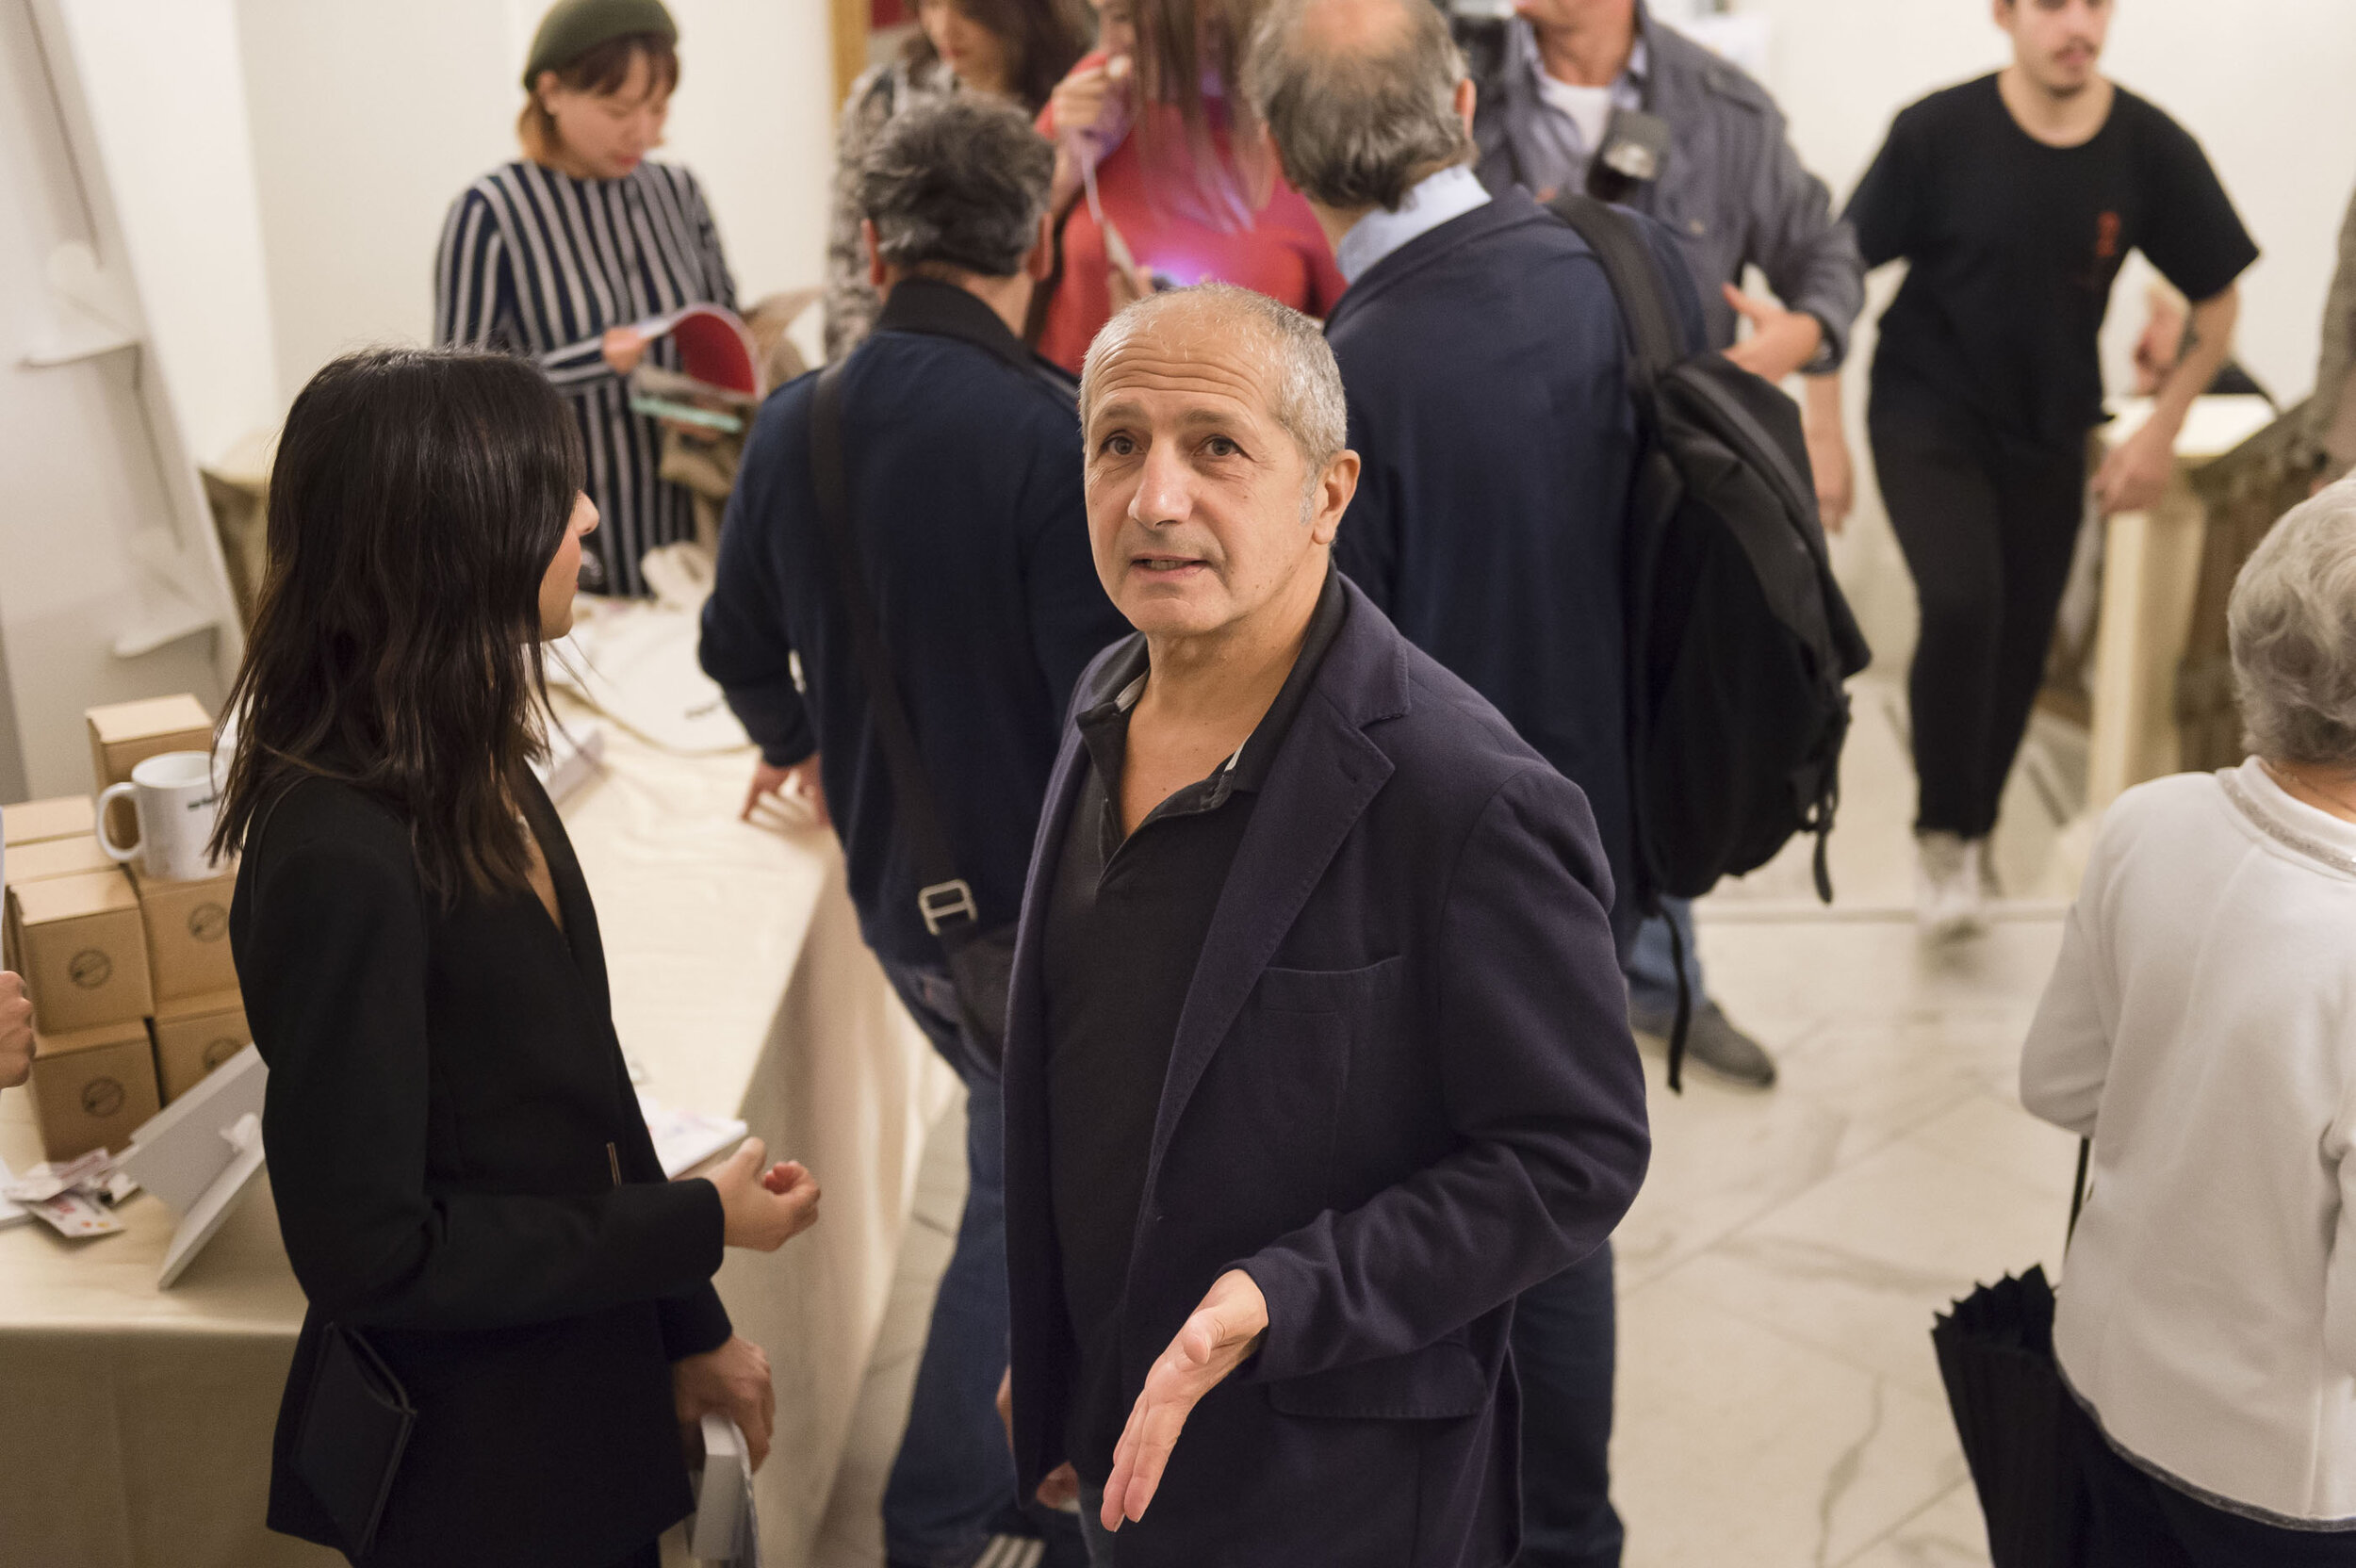 Artecinema 2019_ph Francesco Squeglia_8439.jpg